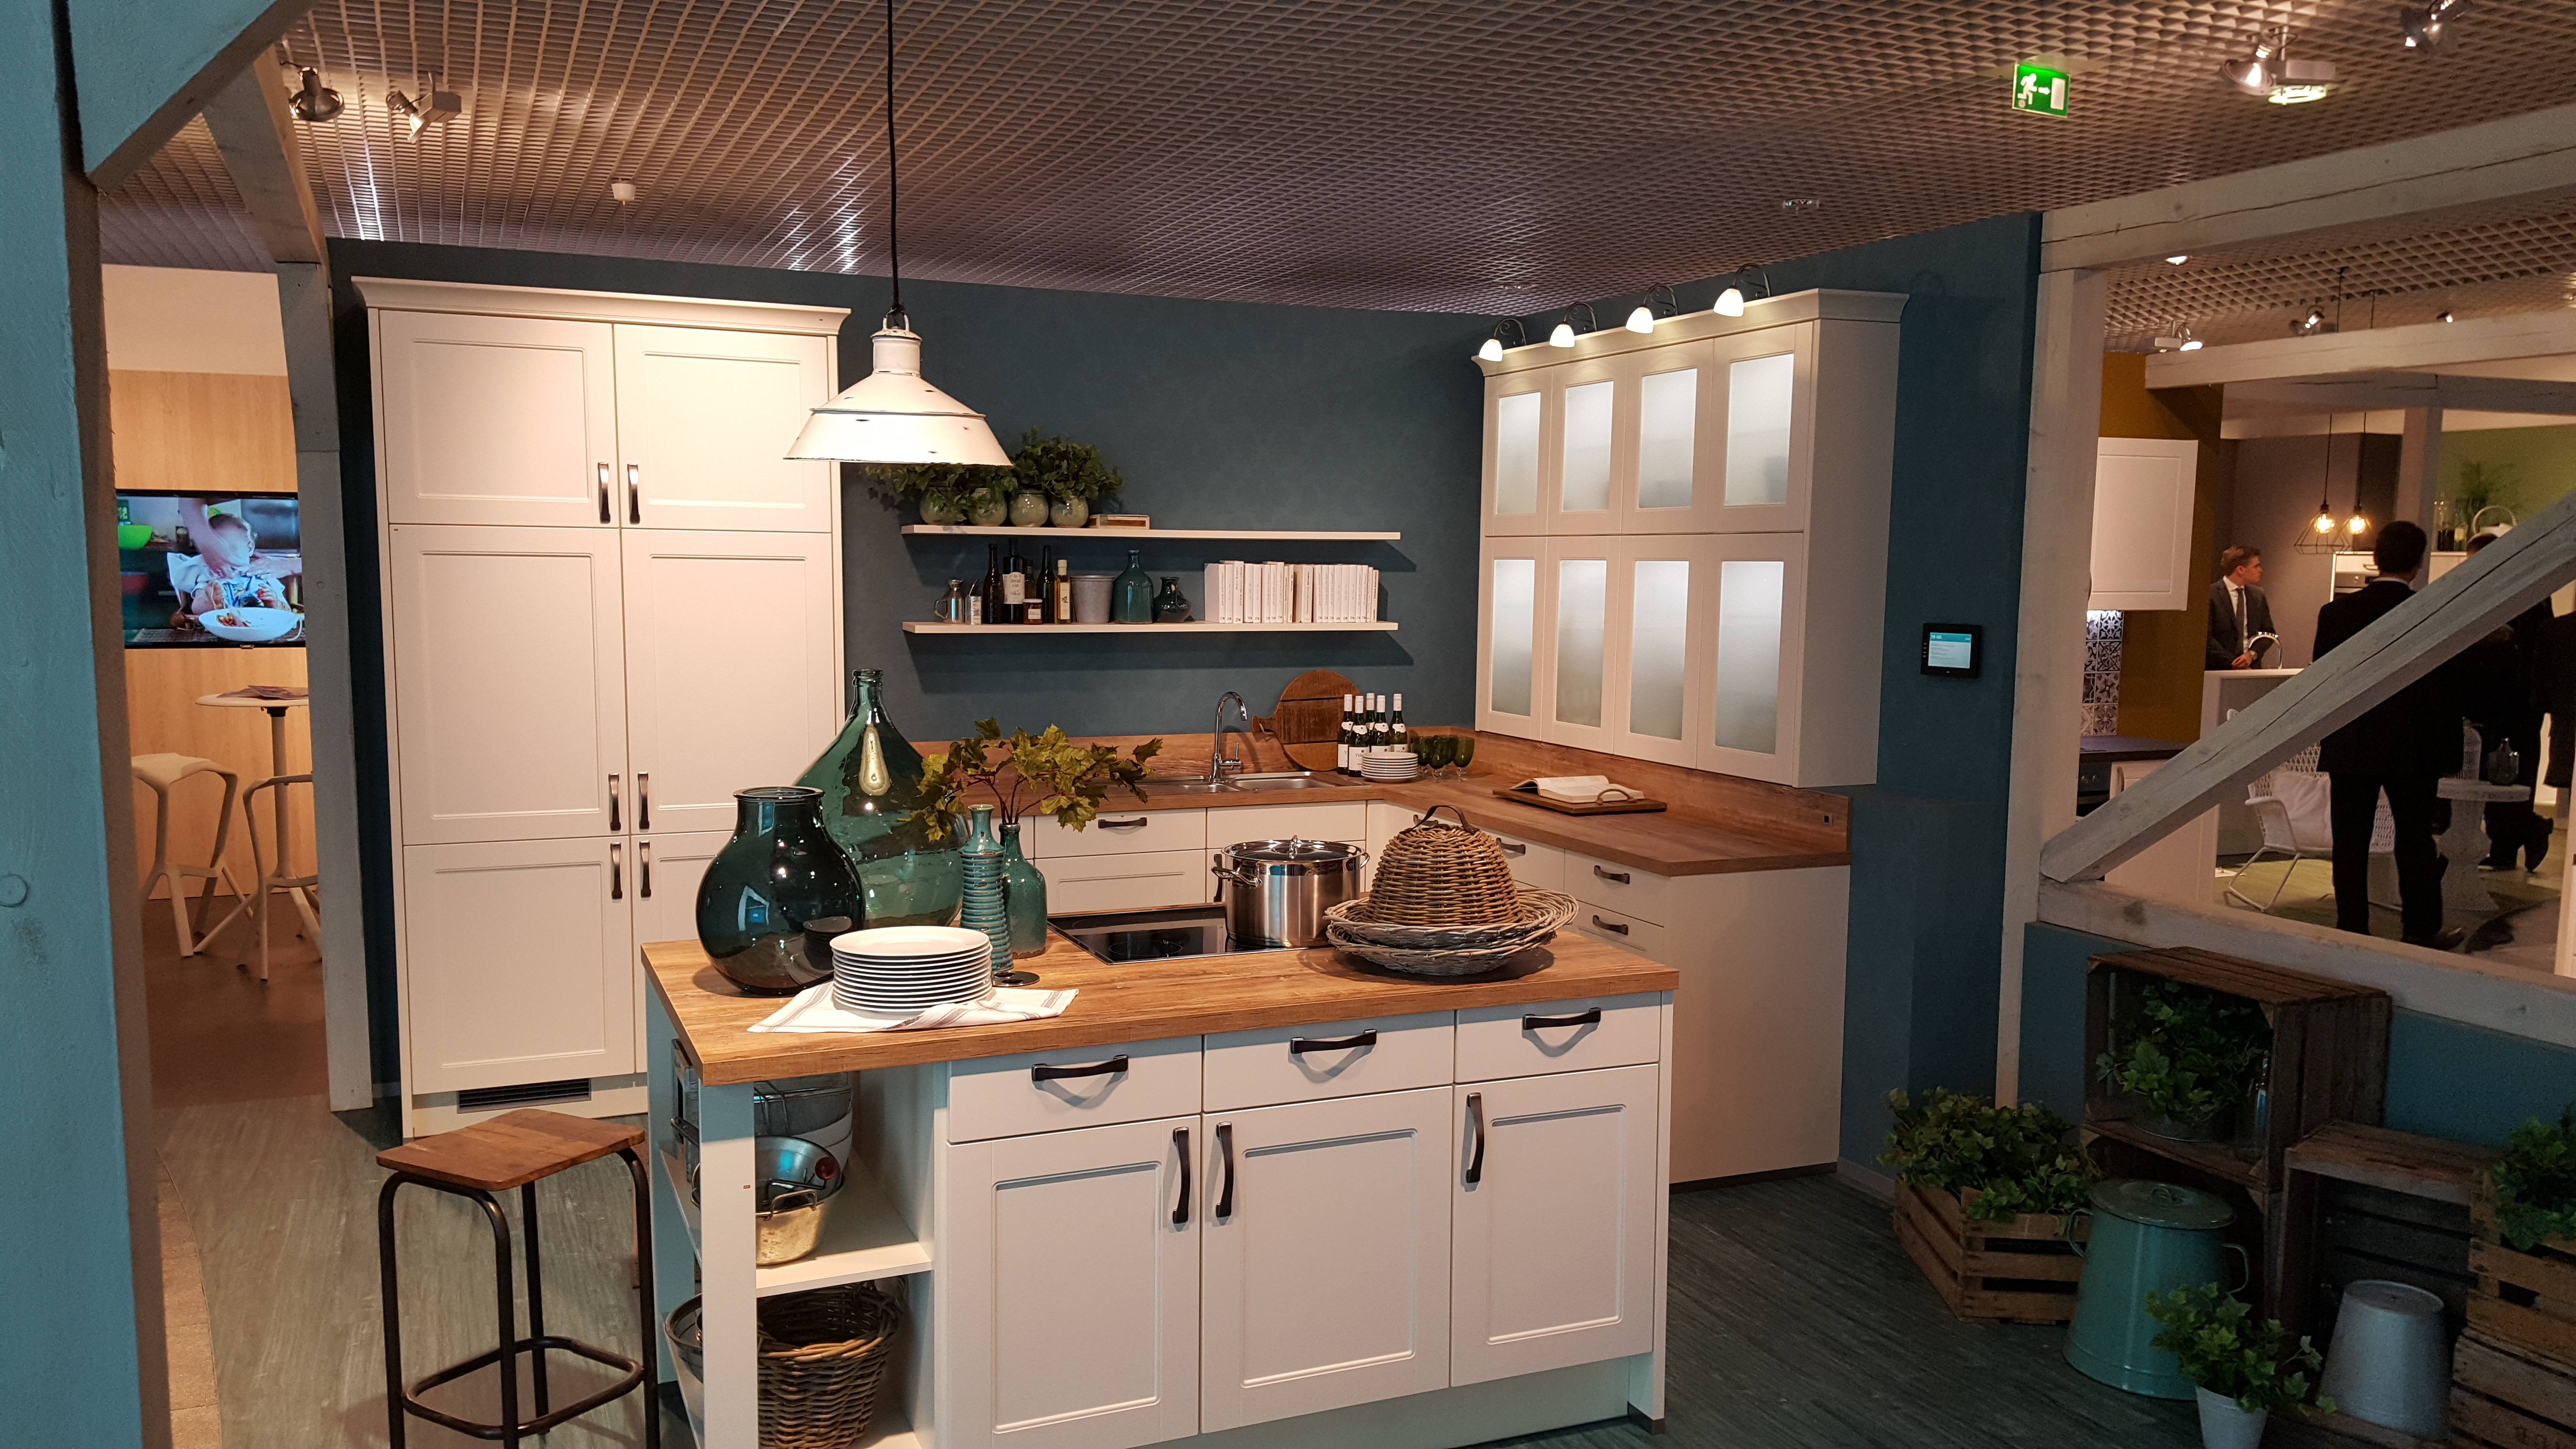 Keuken ontwerpen gratis in 3d wilka keukengroothandel for 3d ruimte ontwerpen